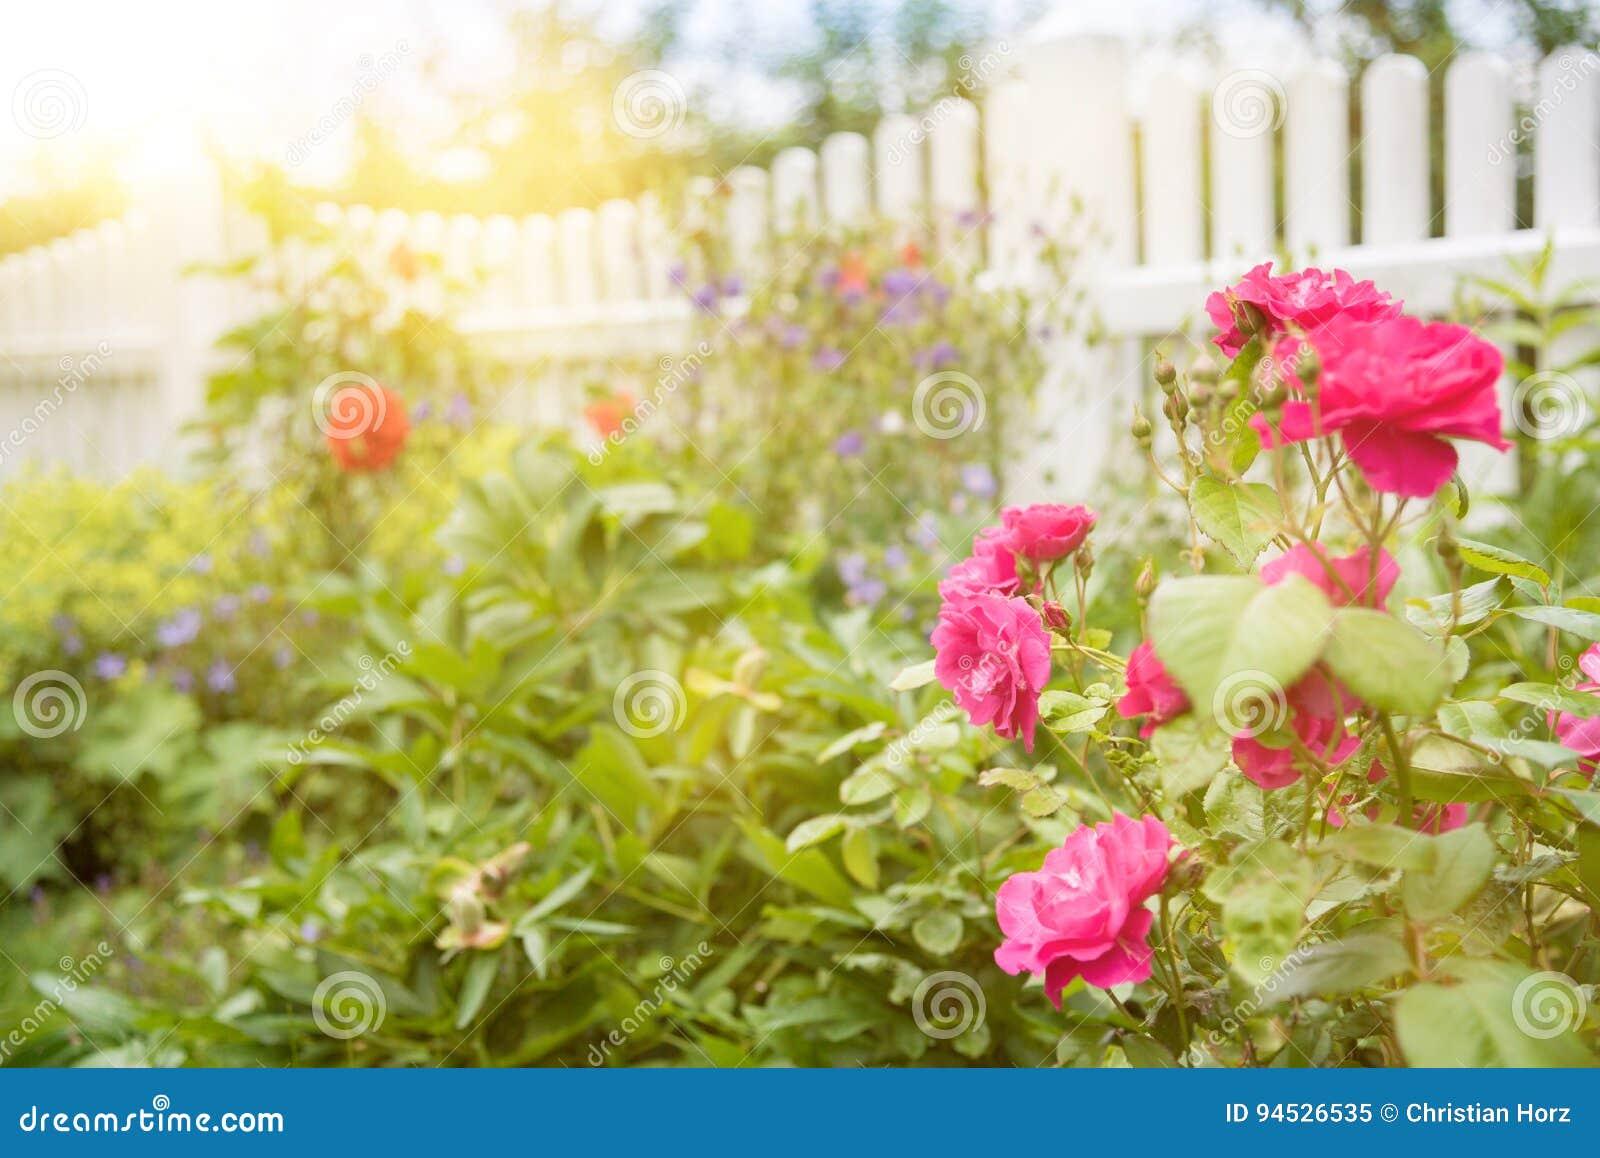 Roses Et Usines Dans Le Jardin Avec La Barrière En Bois Blanche à L ...